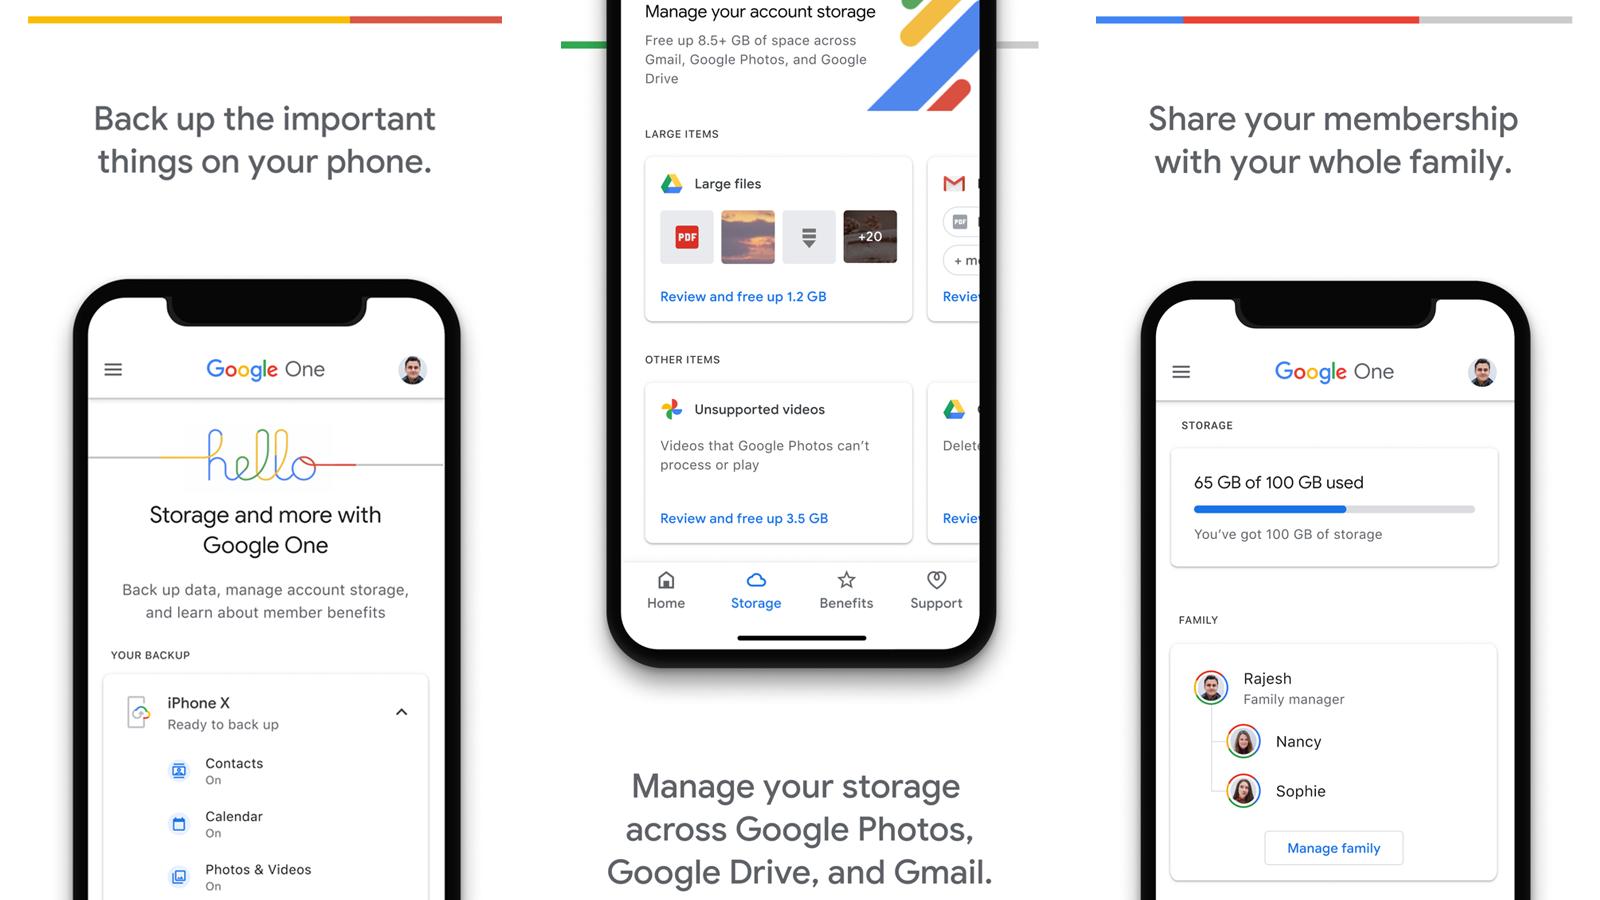 Приложение Google One с возможностью управления хранилищем и общего доступа